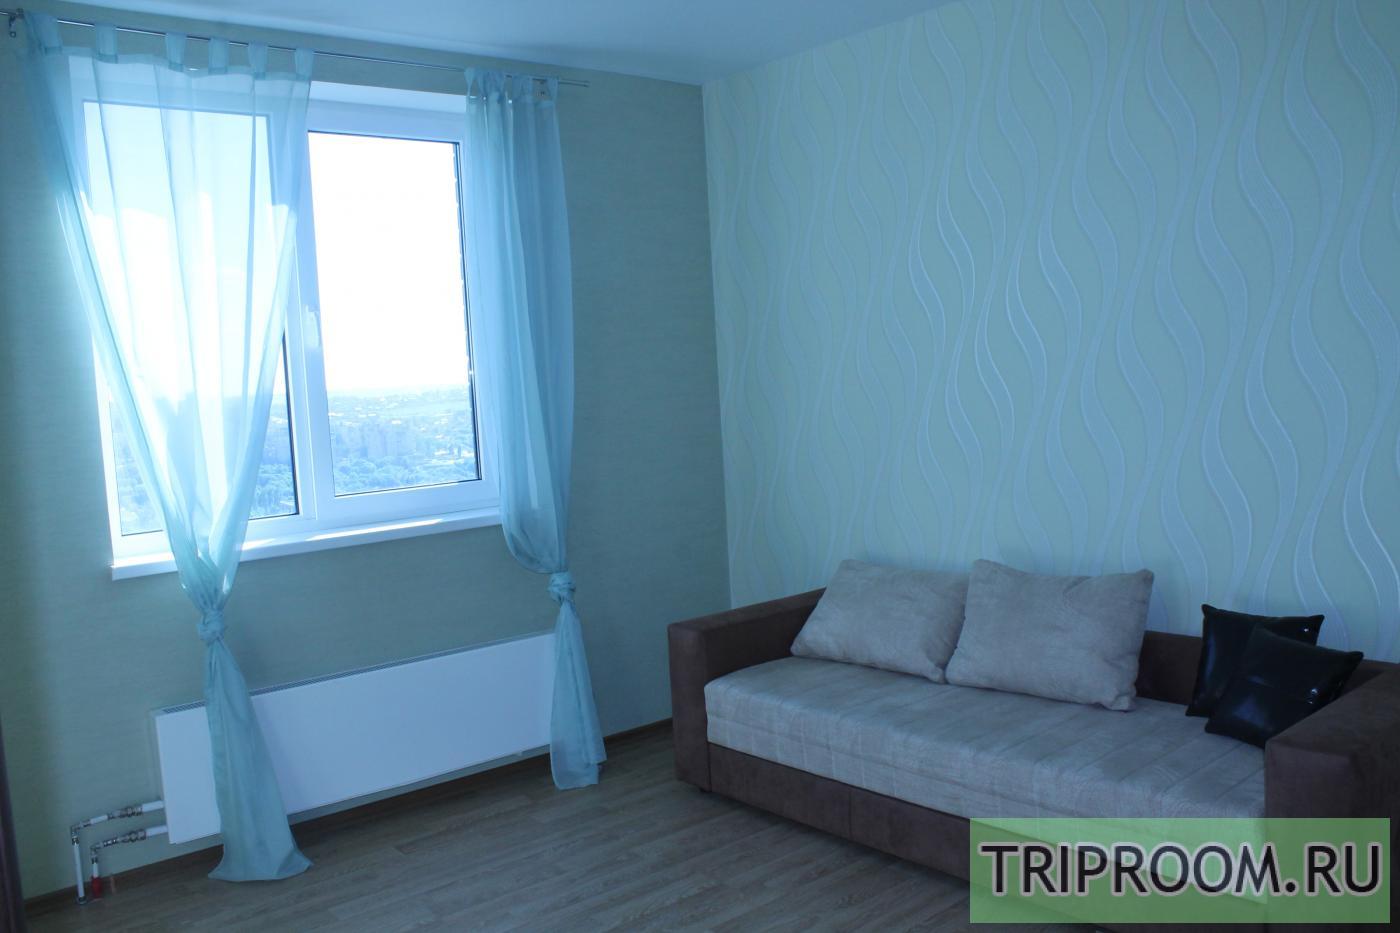 3-комнатная квартира посуточно (вариант № 8212), ул. новоросийская улица, фото № 6